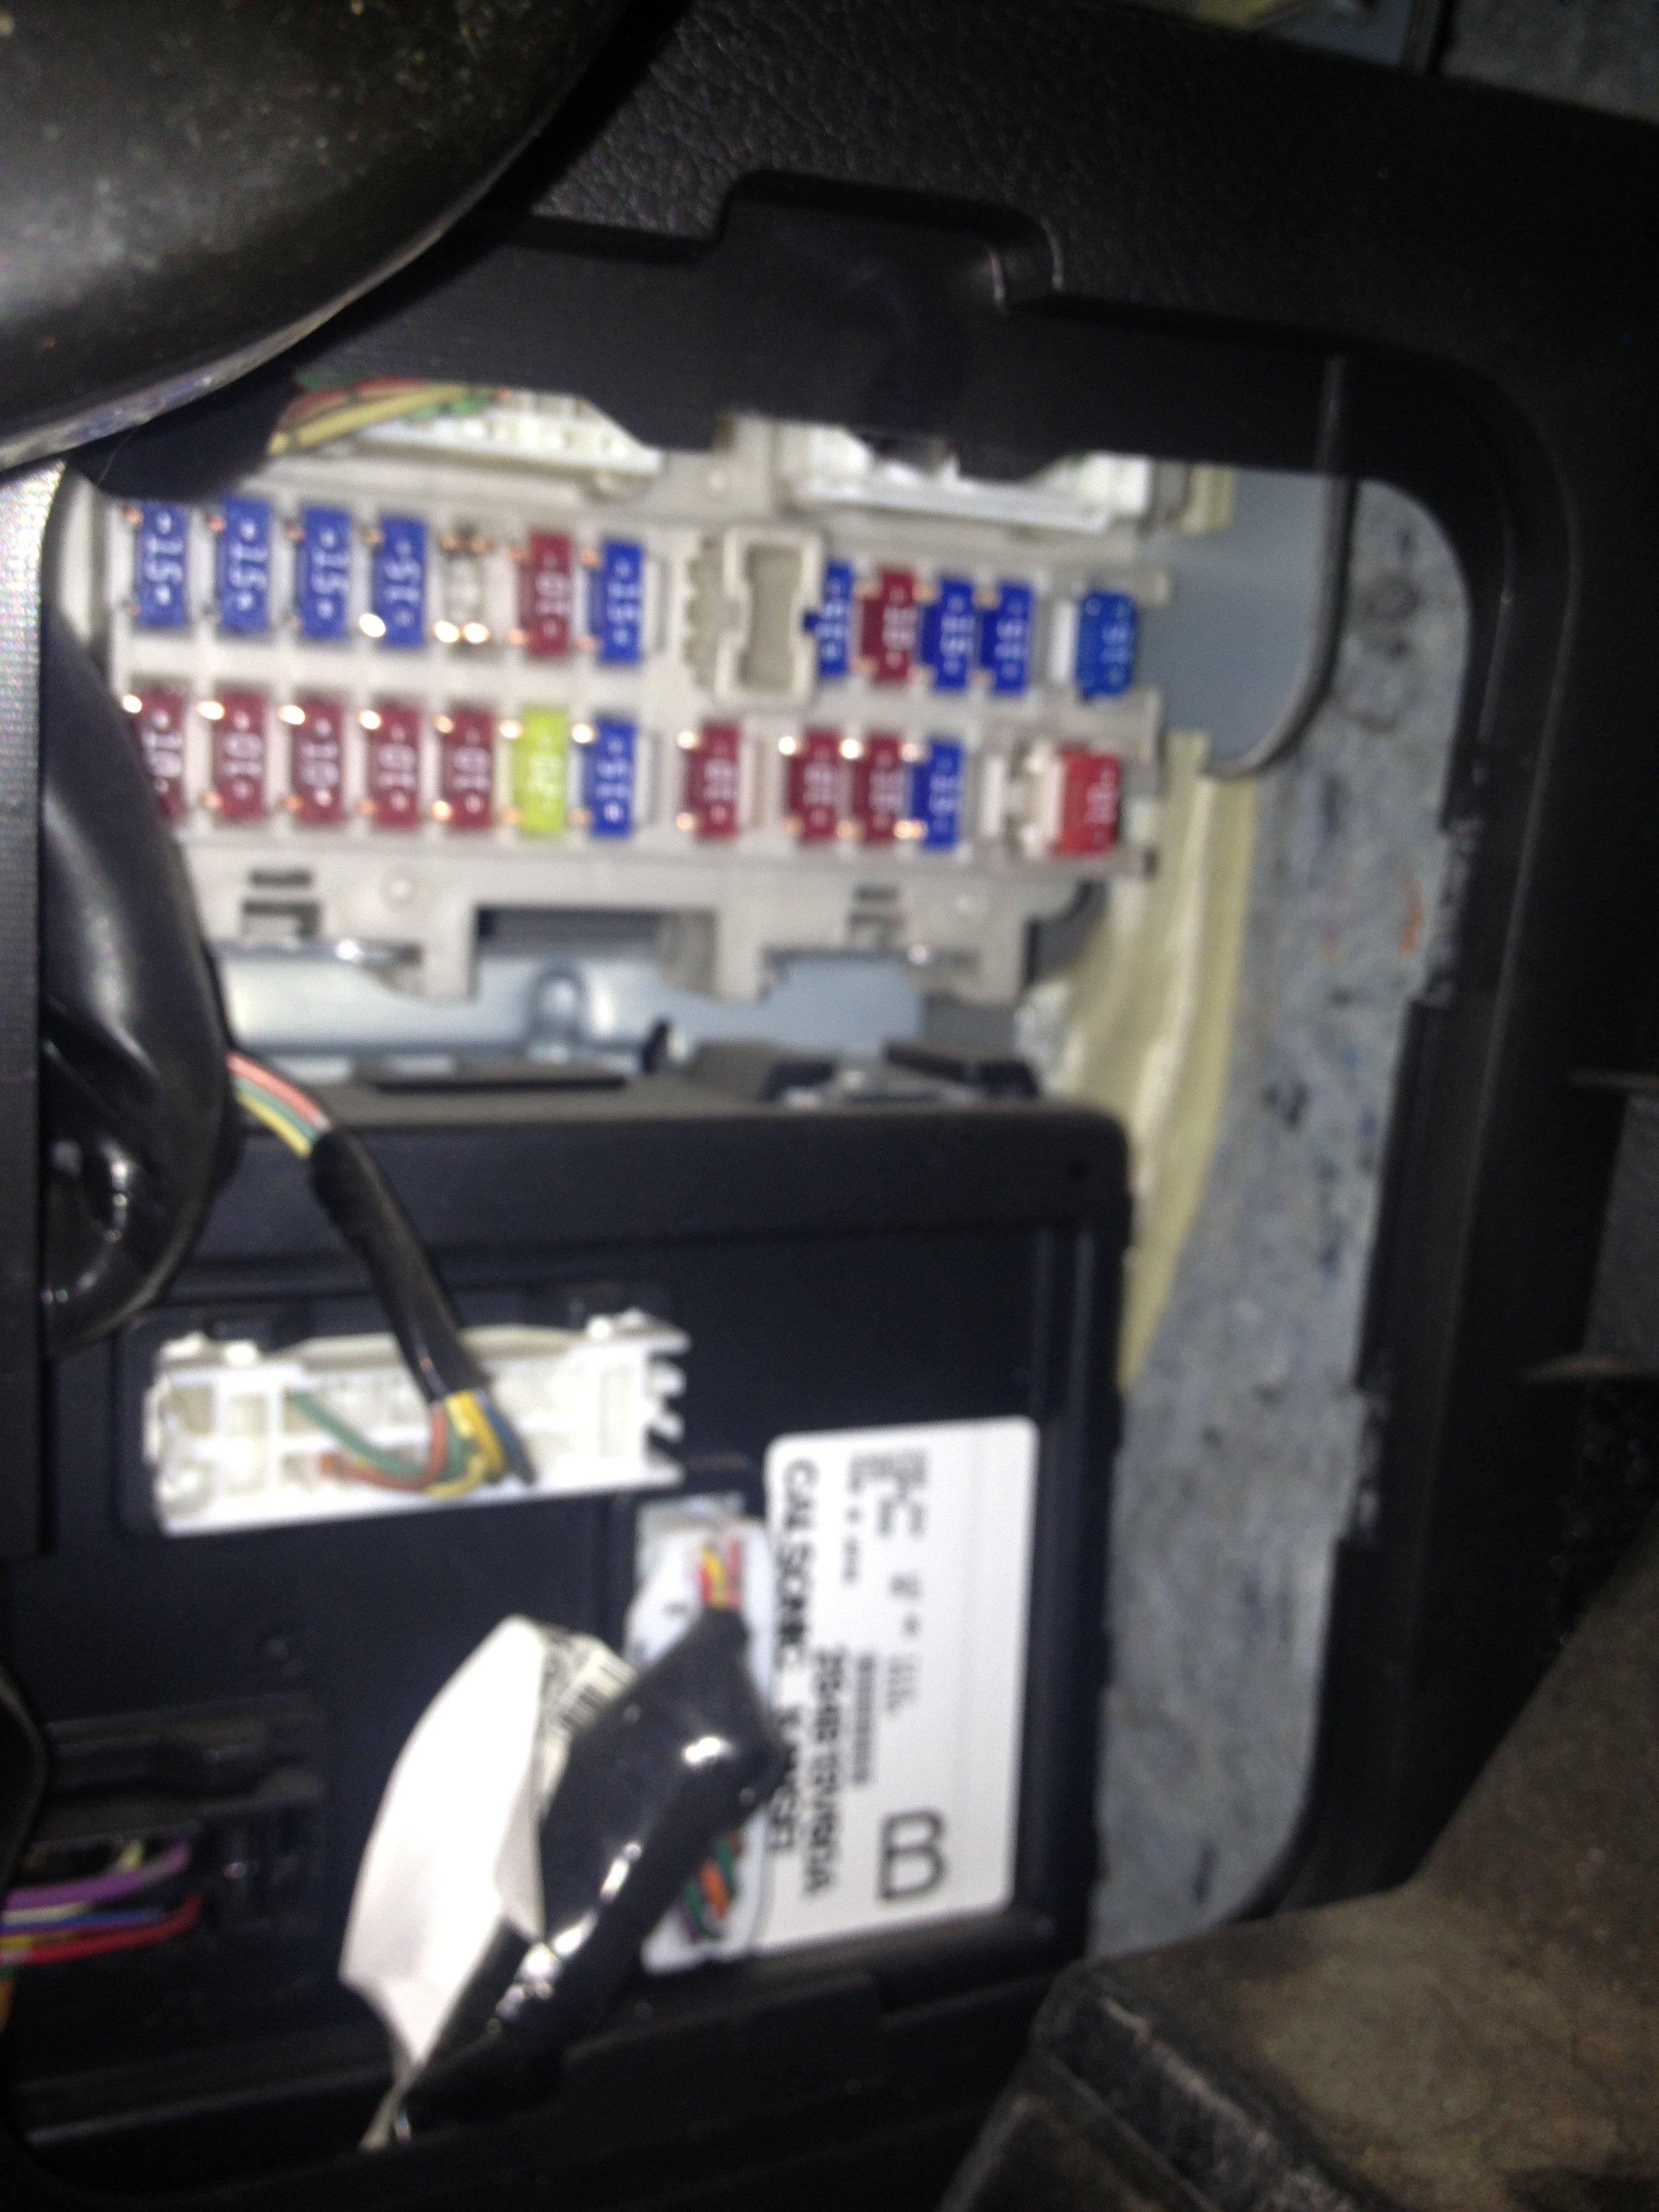 [NRIO_4796]   RW_3807] 2005 Infiniti Qx 4 Inside Car Fuse Box Diagram Download Diagram | Infiniti Fx35 2005 Fuse Box |  | Www Mohammedshrine Librar Wiring 101